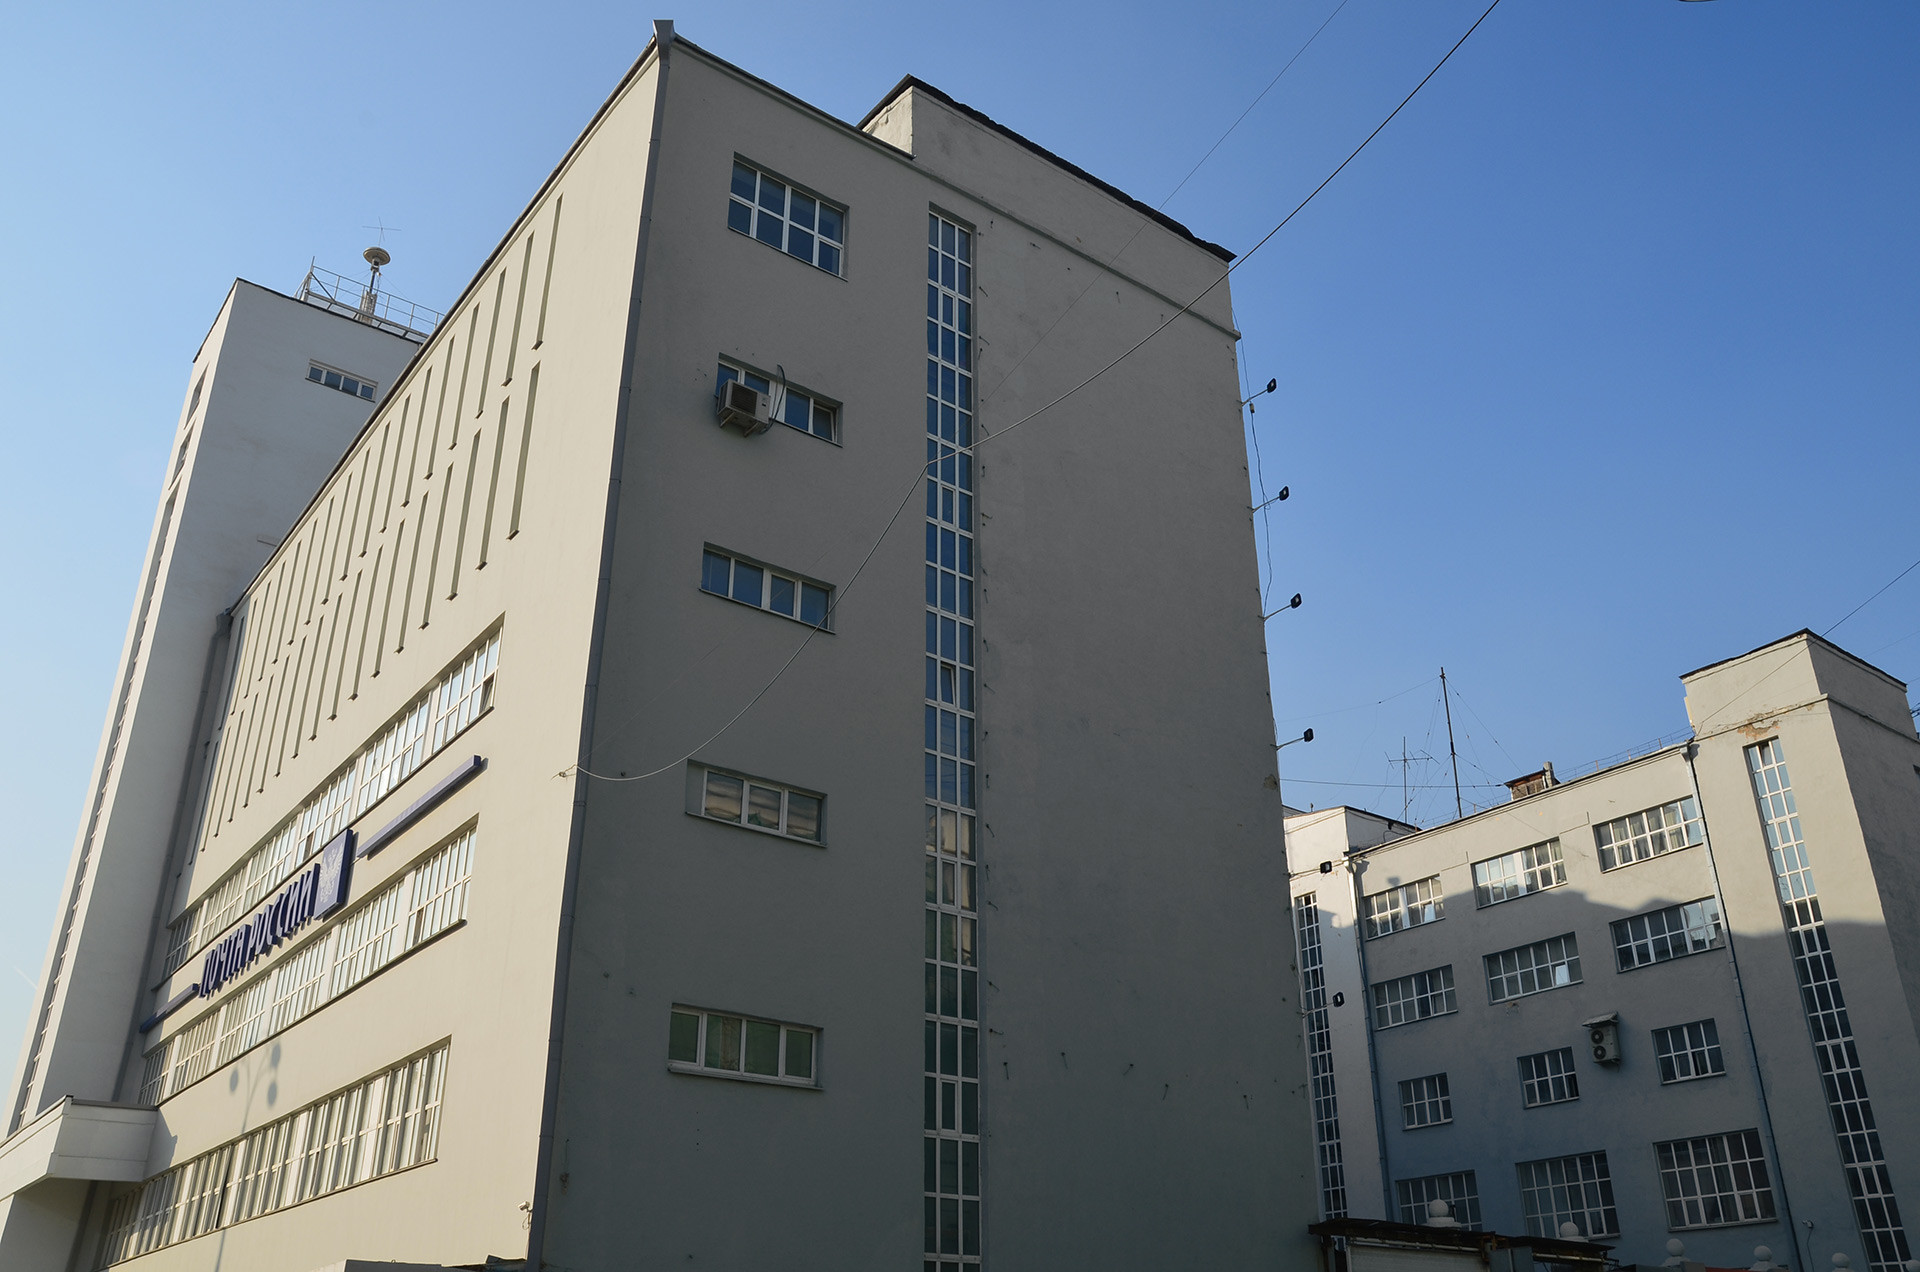 Oficina de correos principal de Ekaterimburgo.